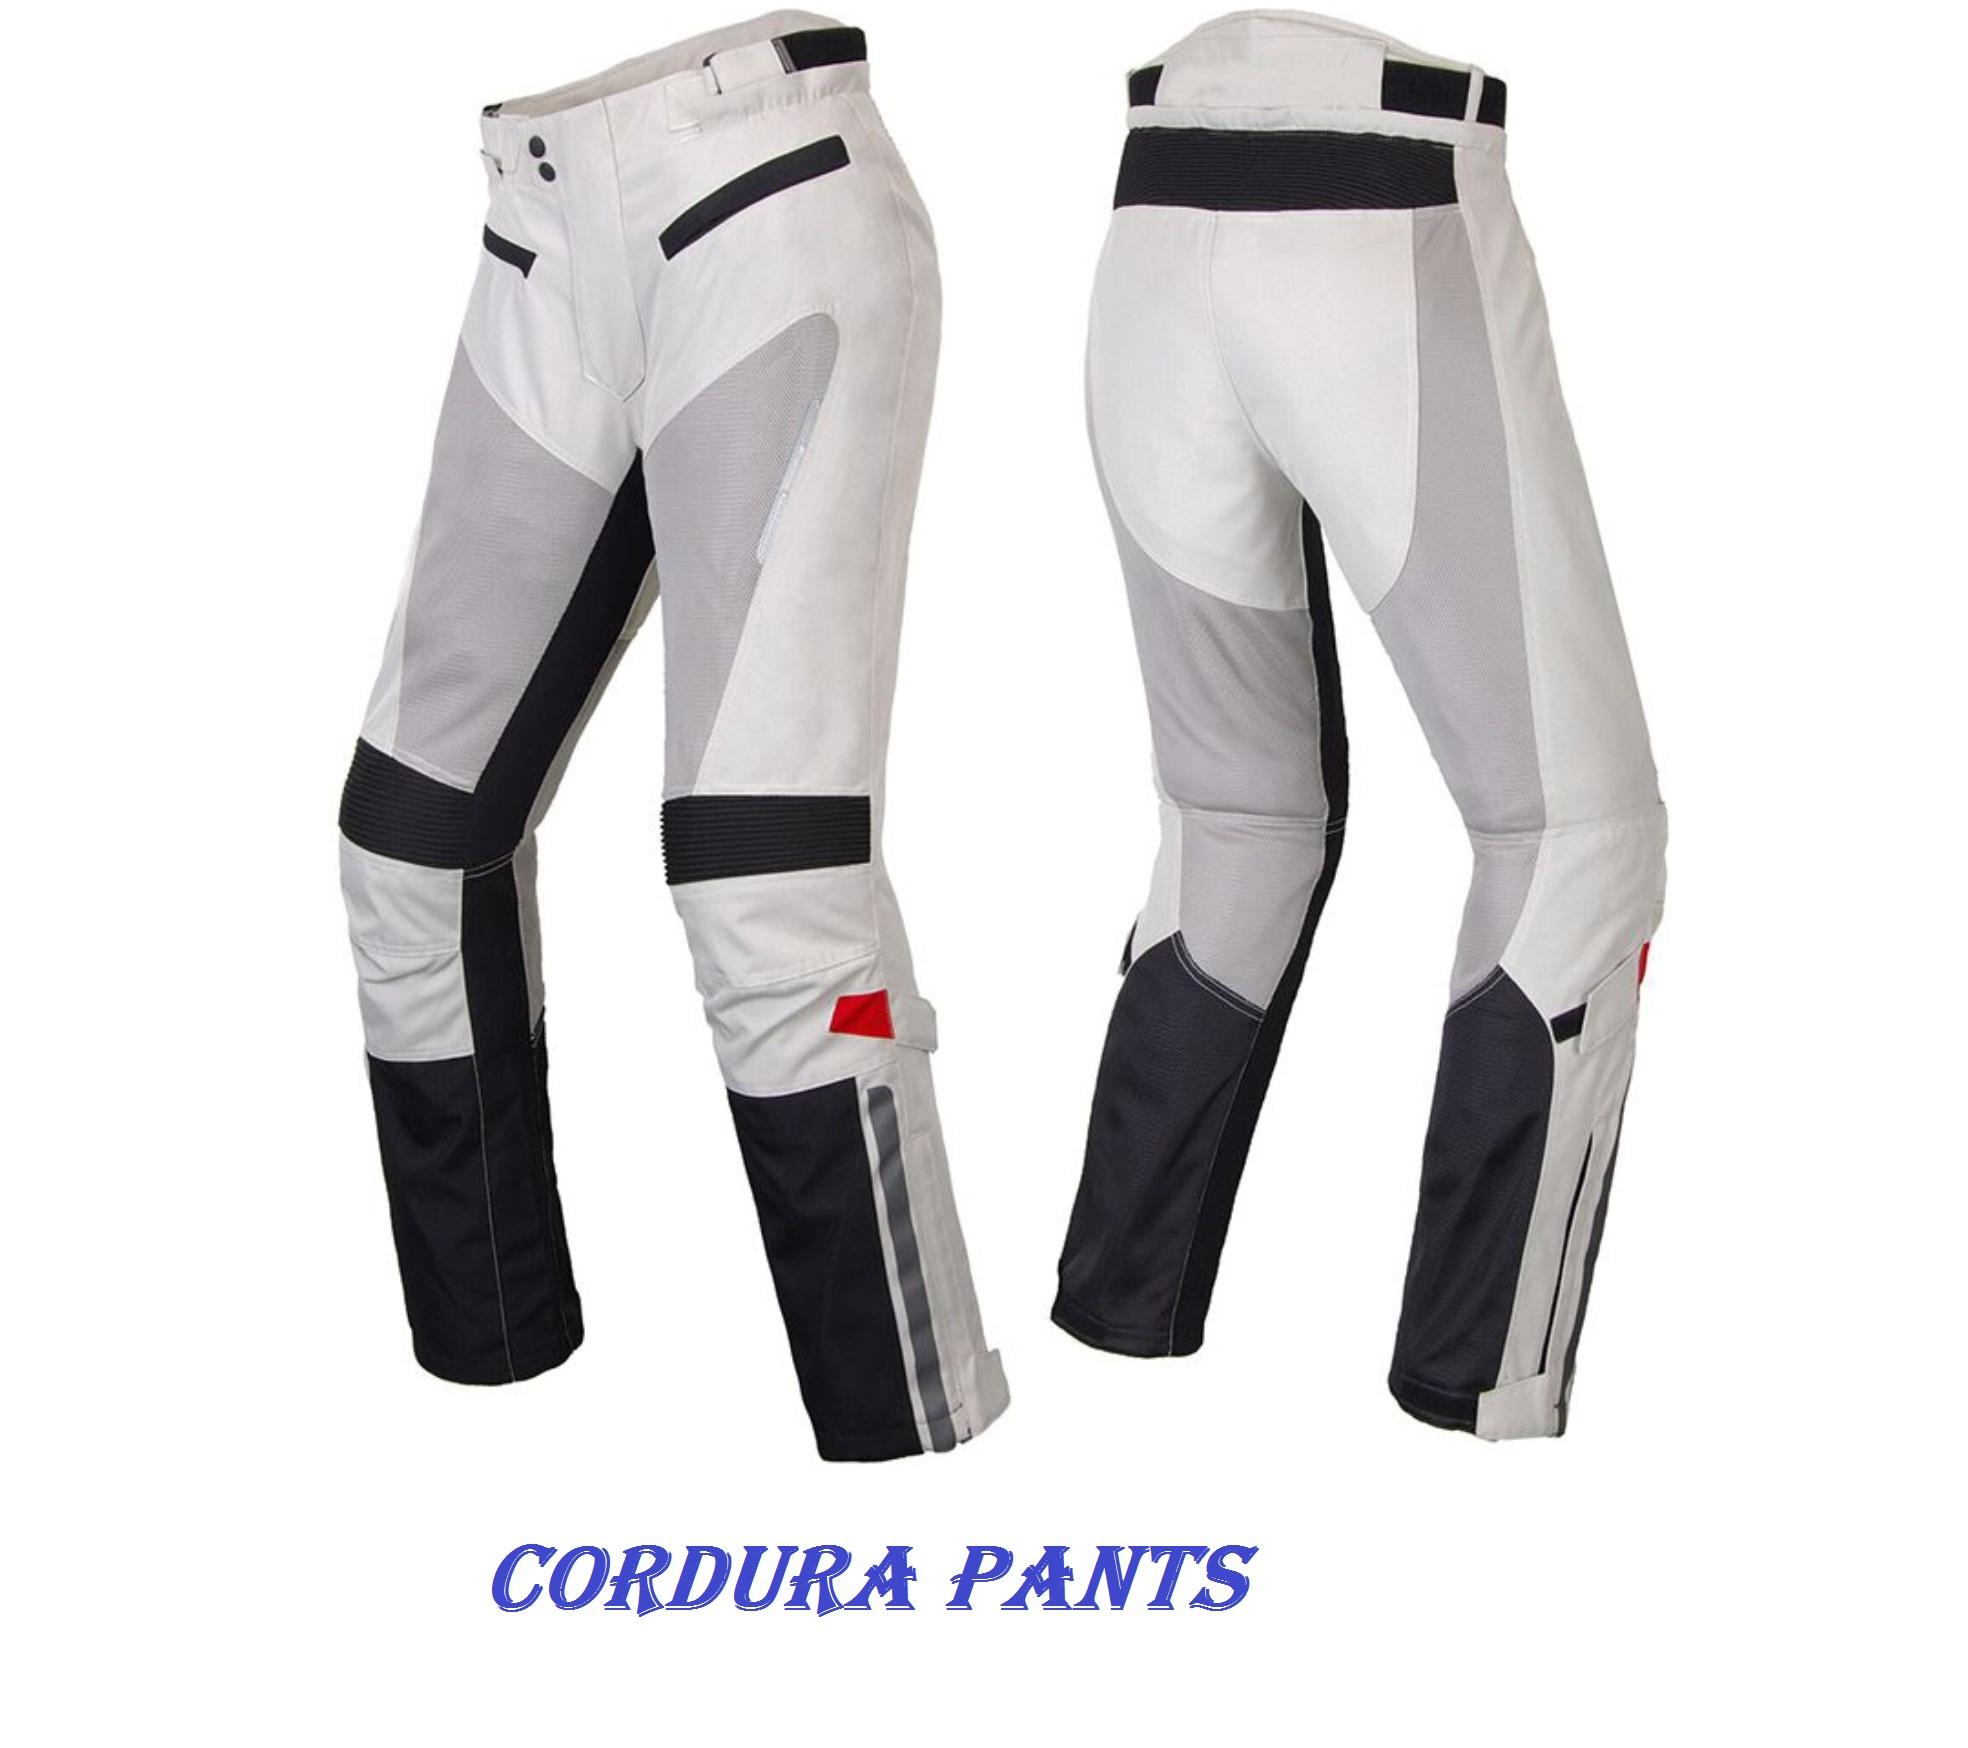 Cordura Motorcycle Pants